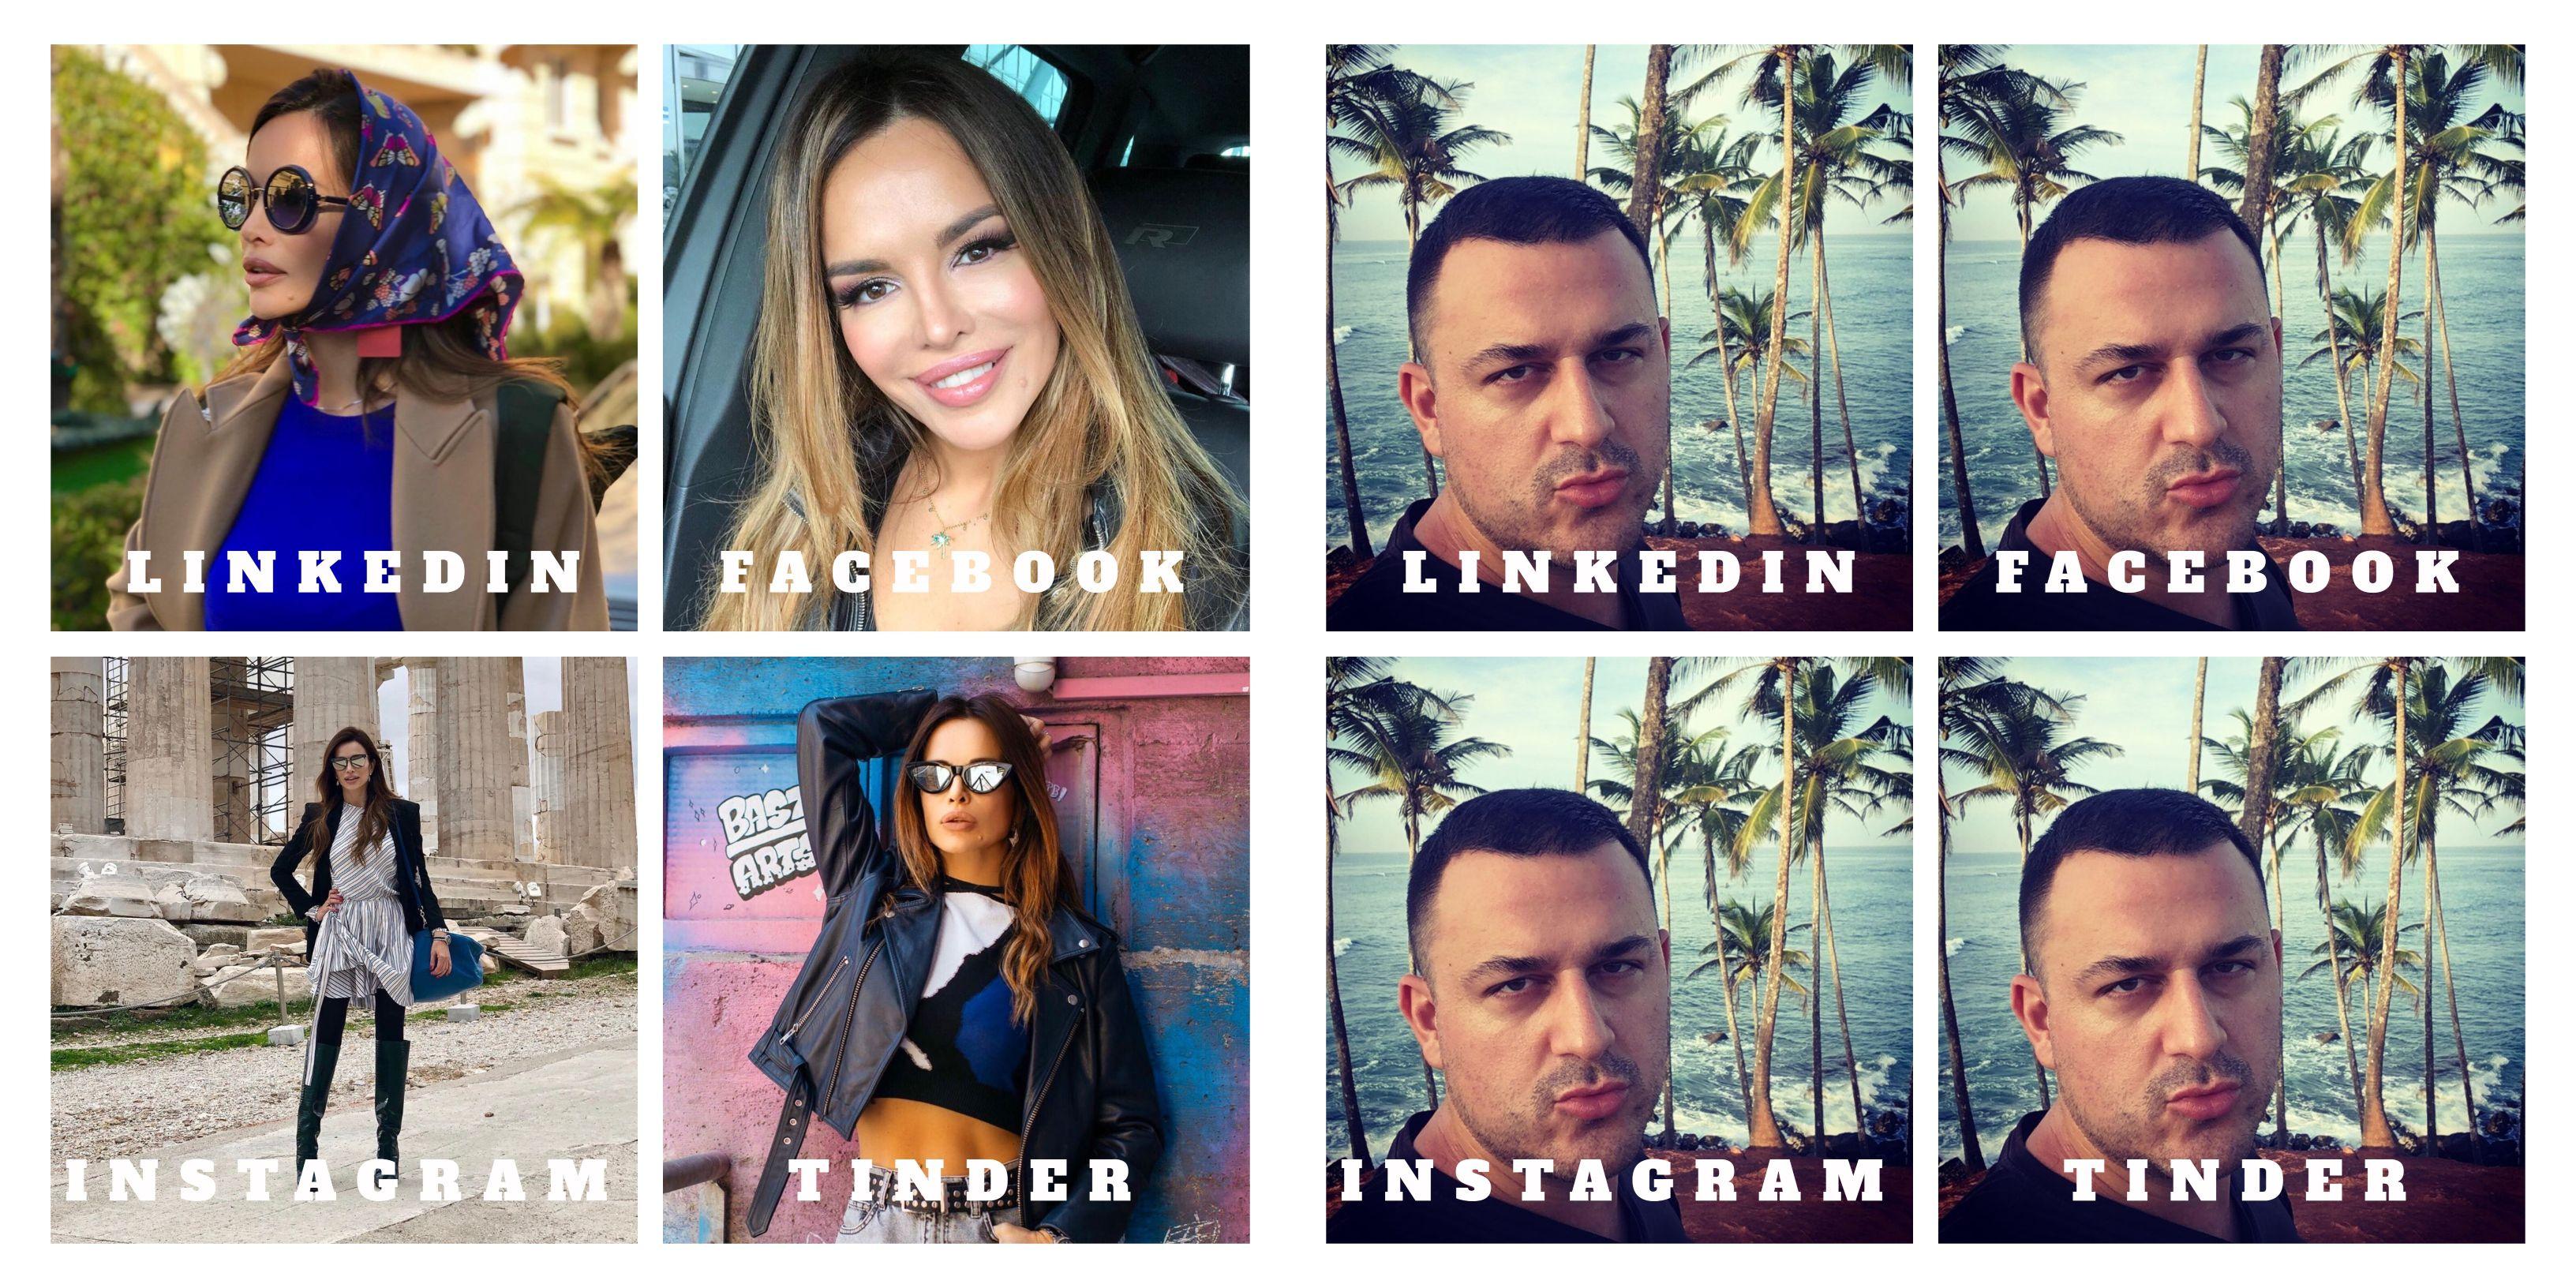 Društvenim mrežama se širi novi izazov: Isprobali smo ga na Severini, Kotigi, Maji Šuput, Ciganoviću...